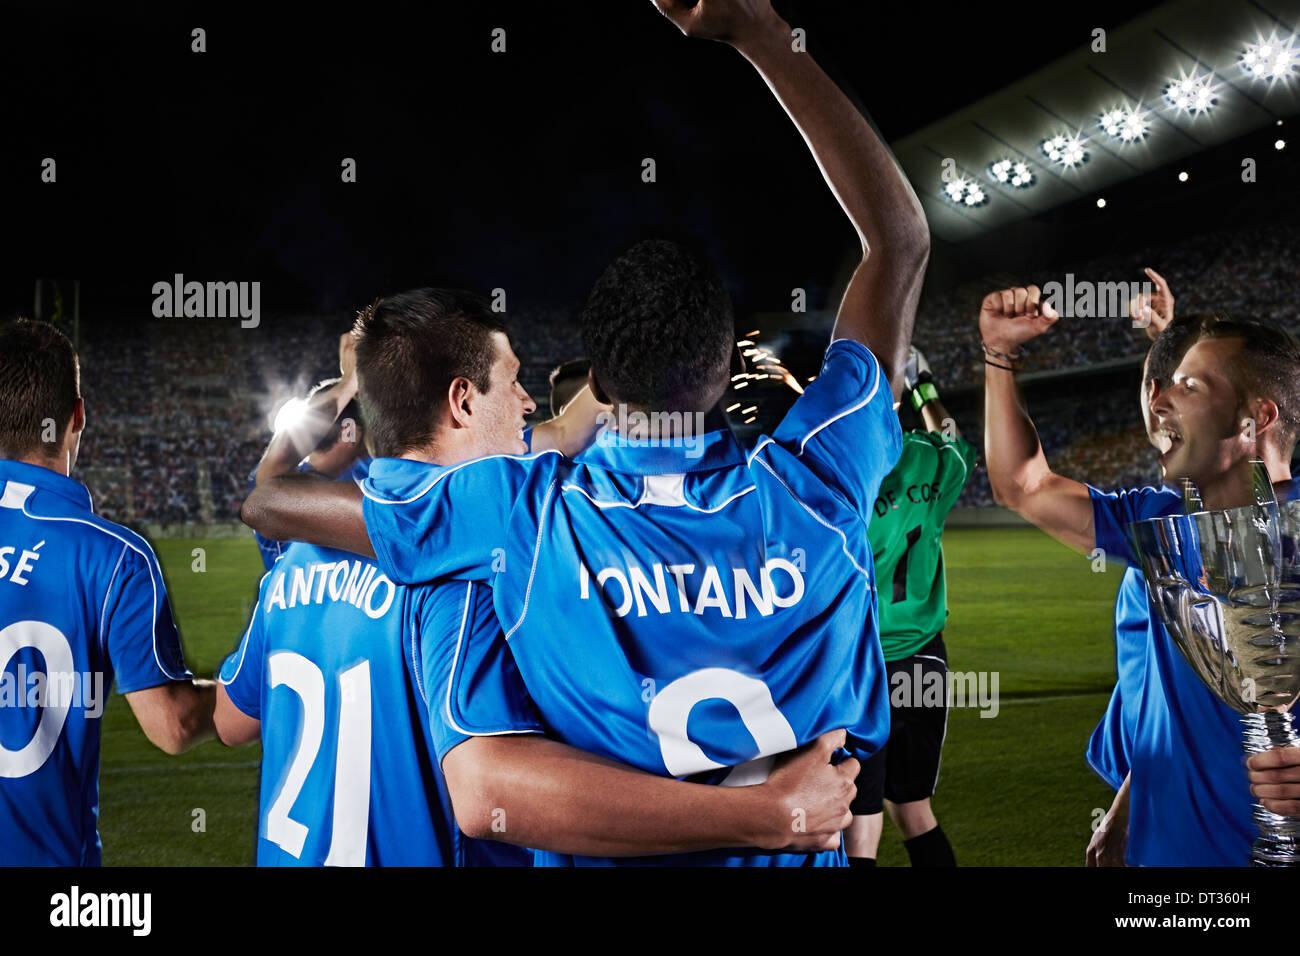 L'équipe de soccer sur le terrain d'encouragement Photo Stock